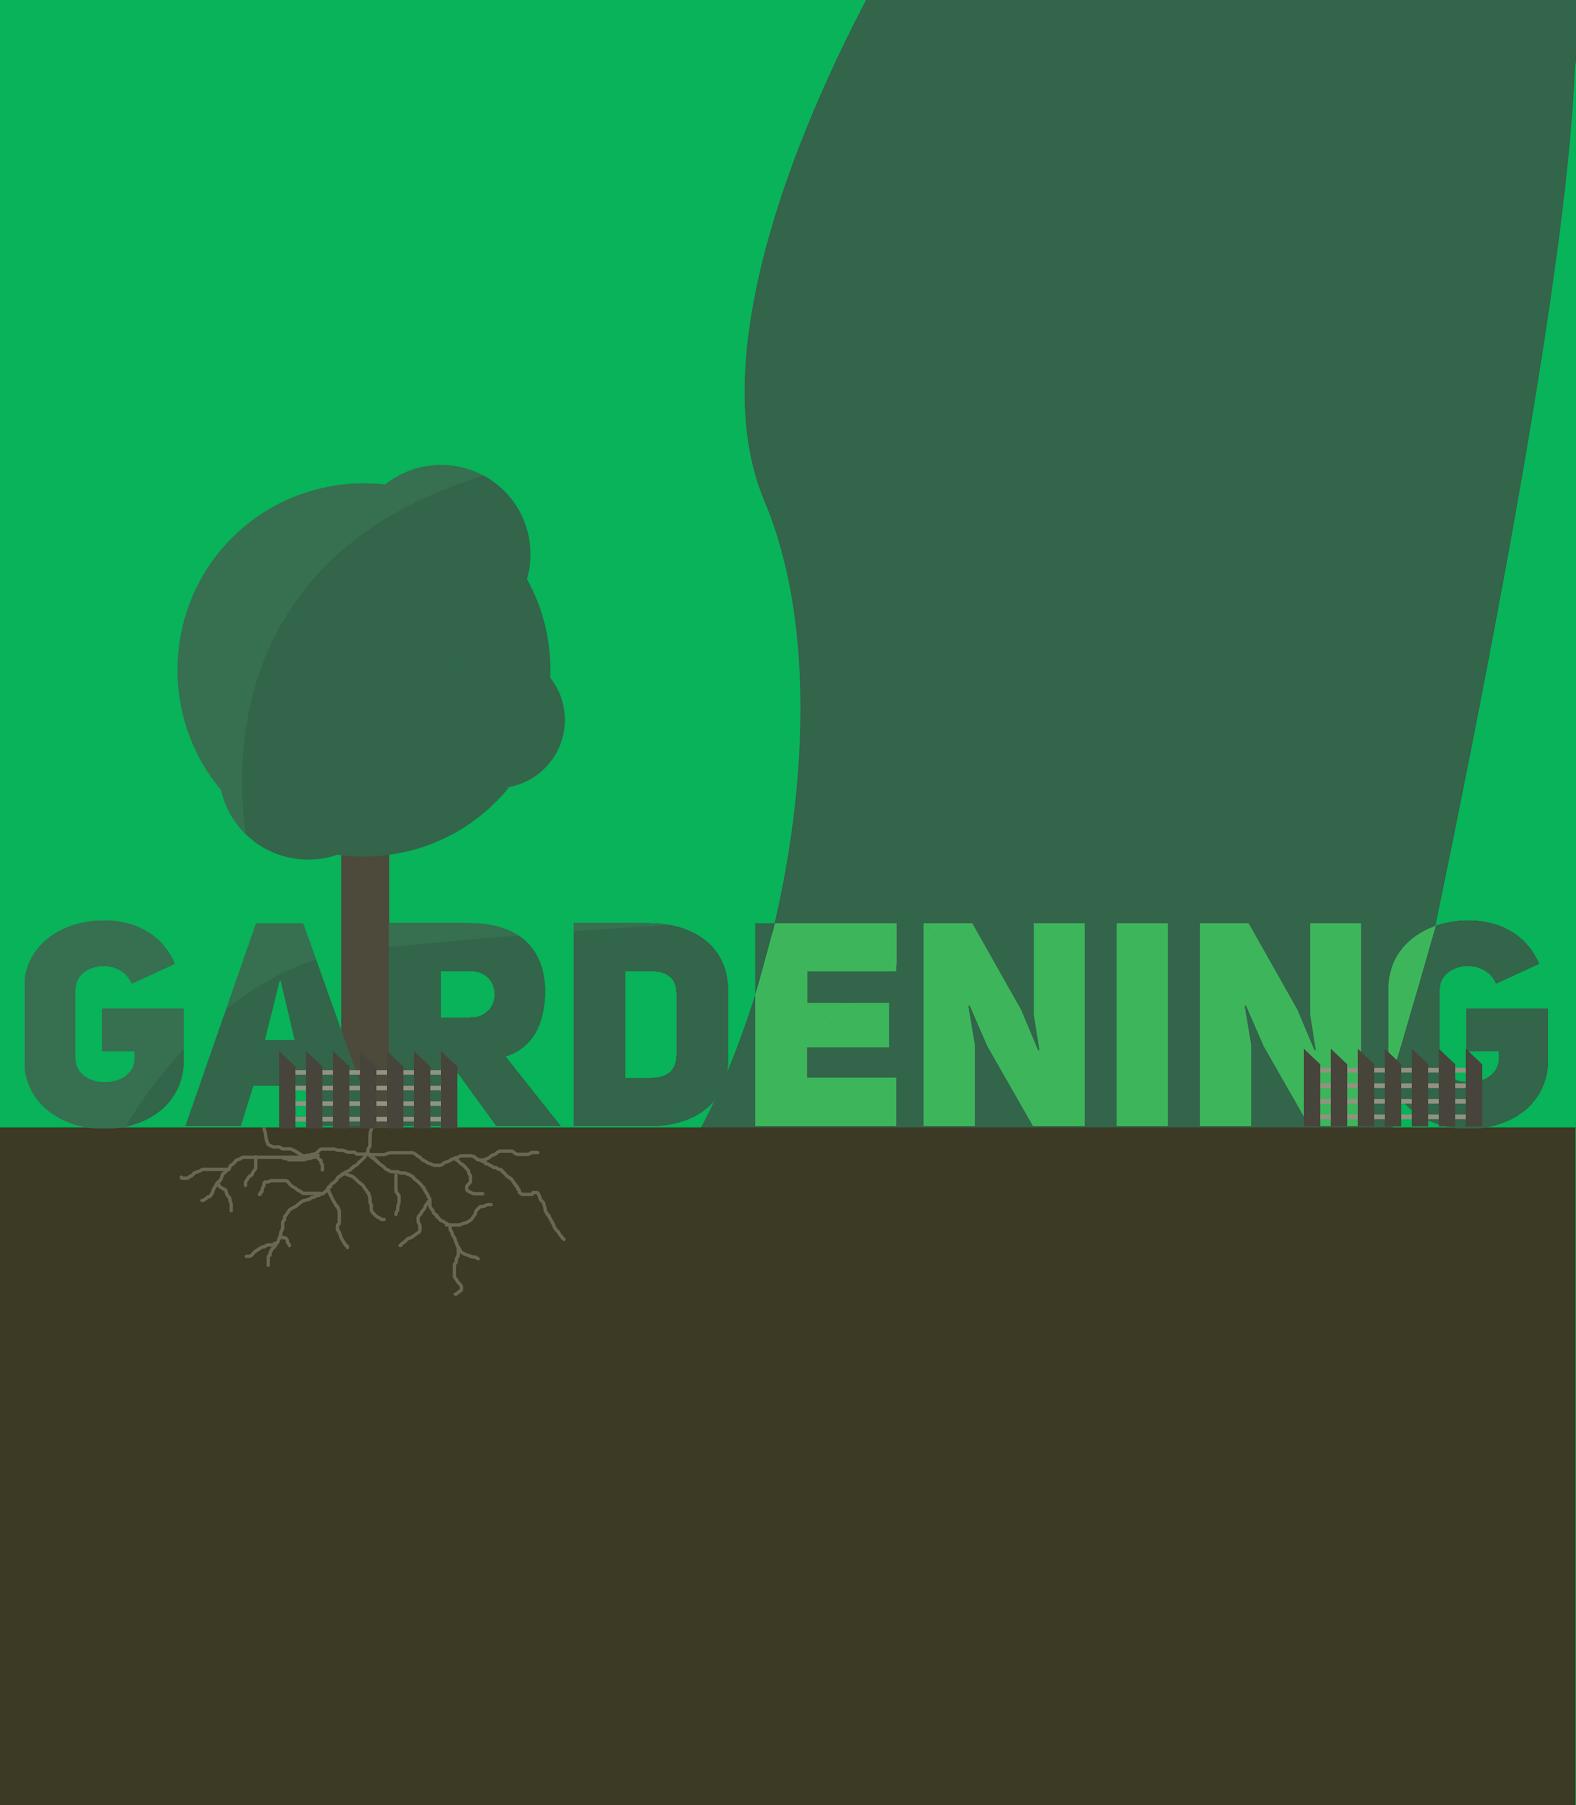 Gardening graphic by Carlin Bausch-Sanchez